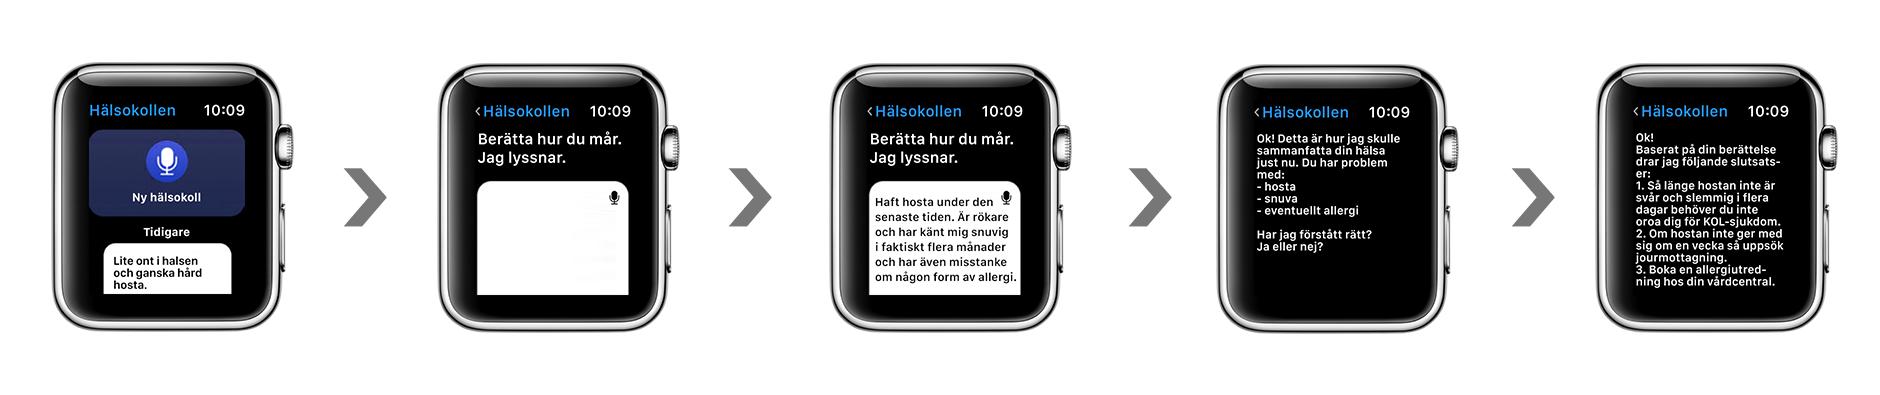 Hälsokollen - en prototyp på app för smarta klockor